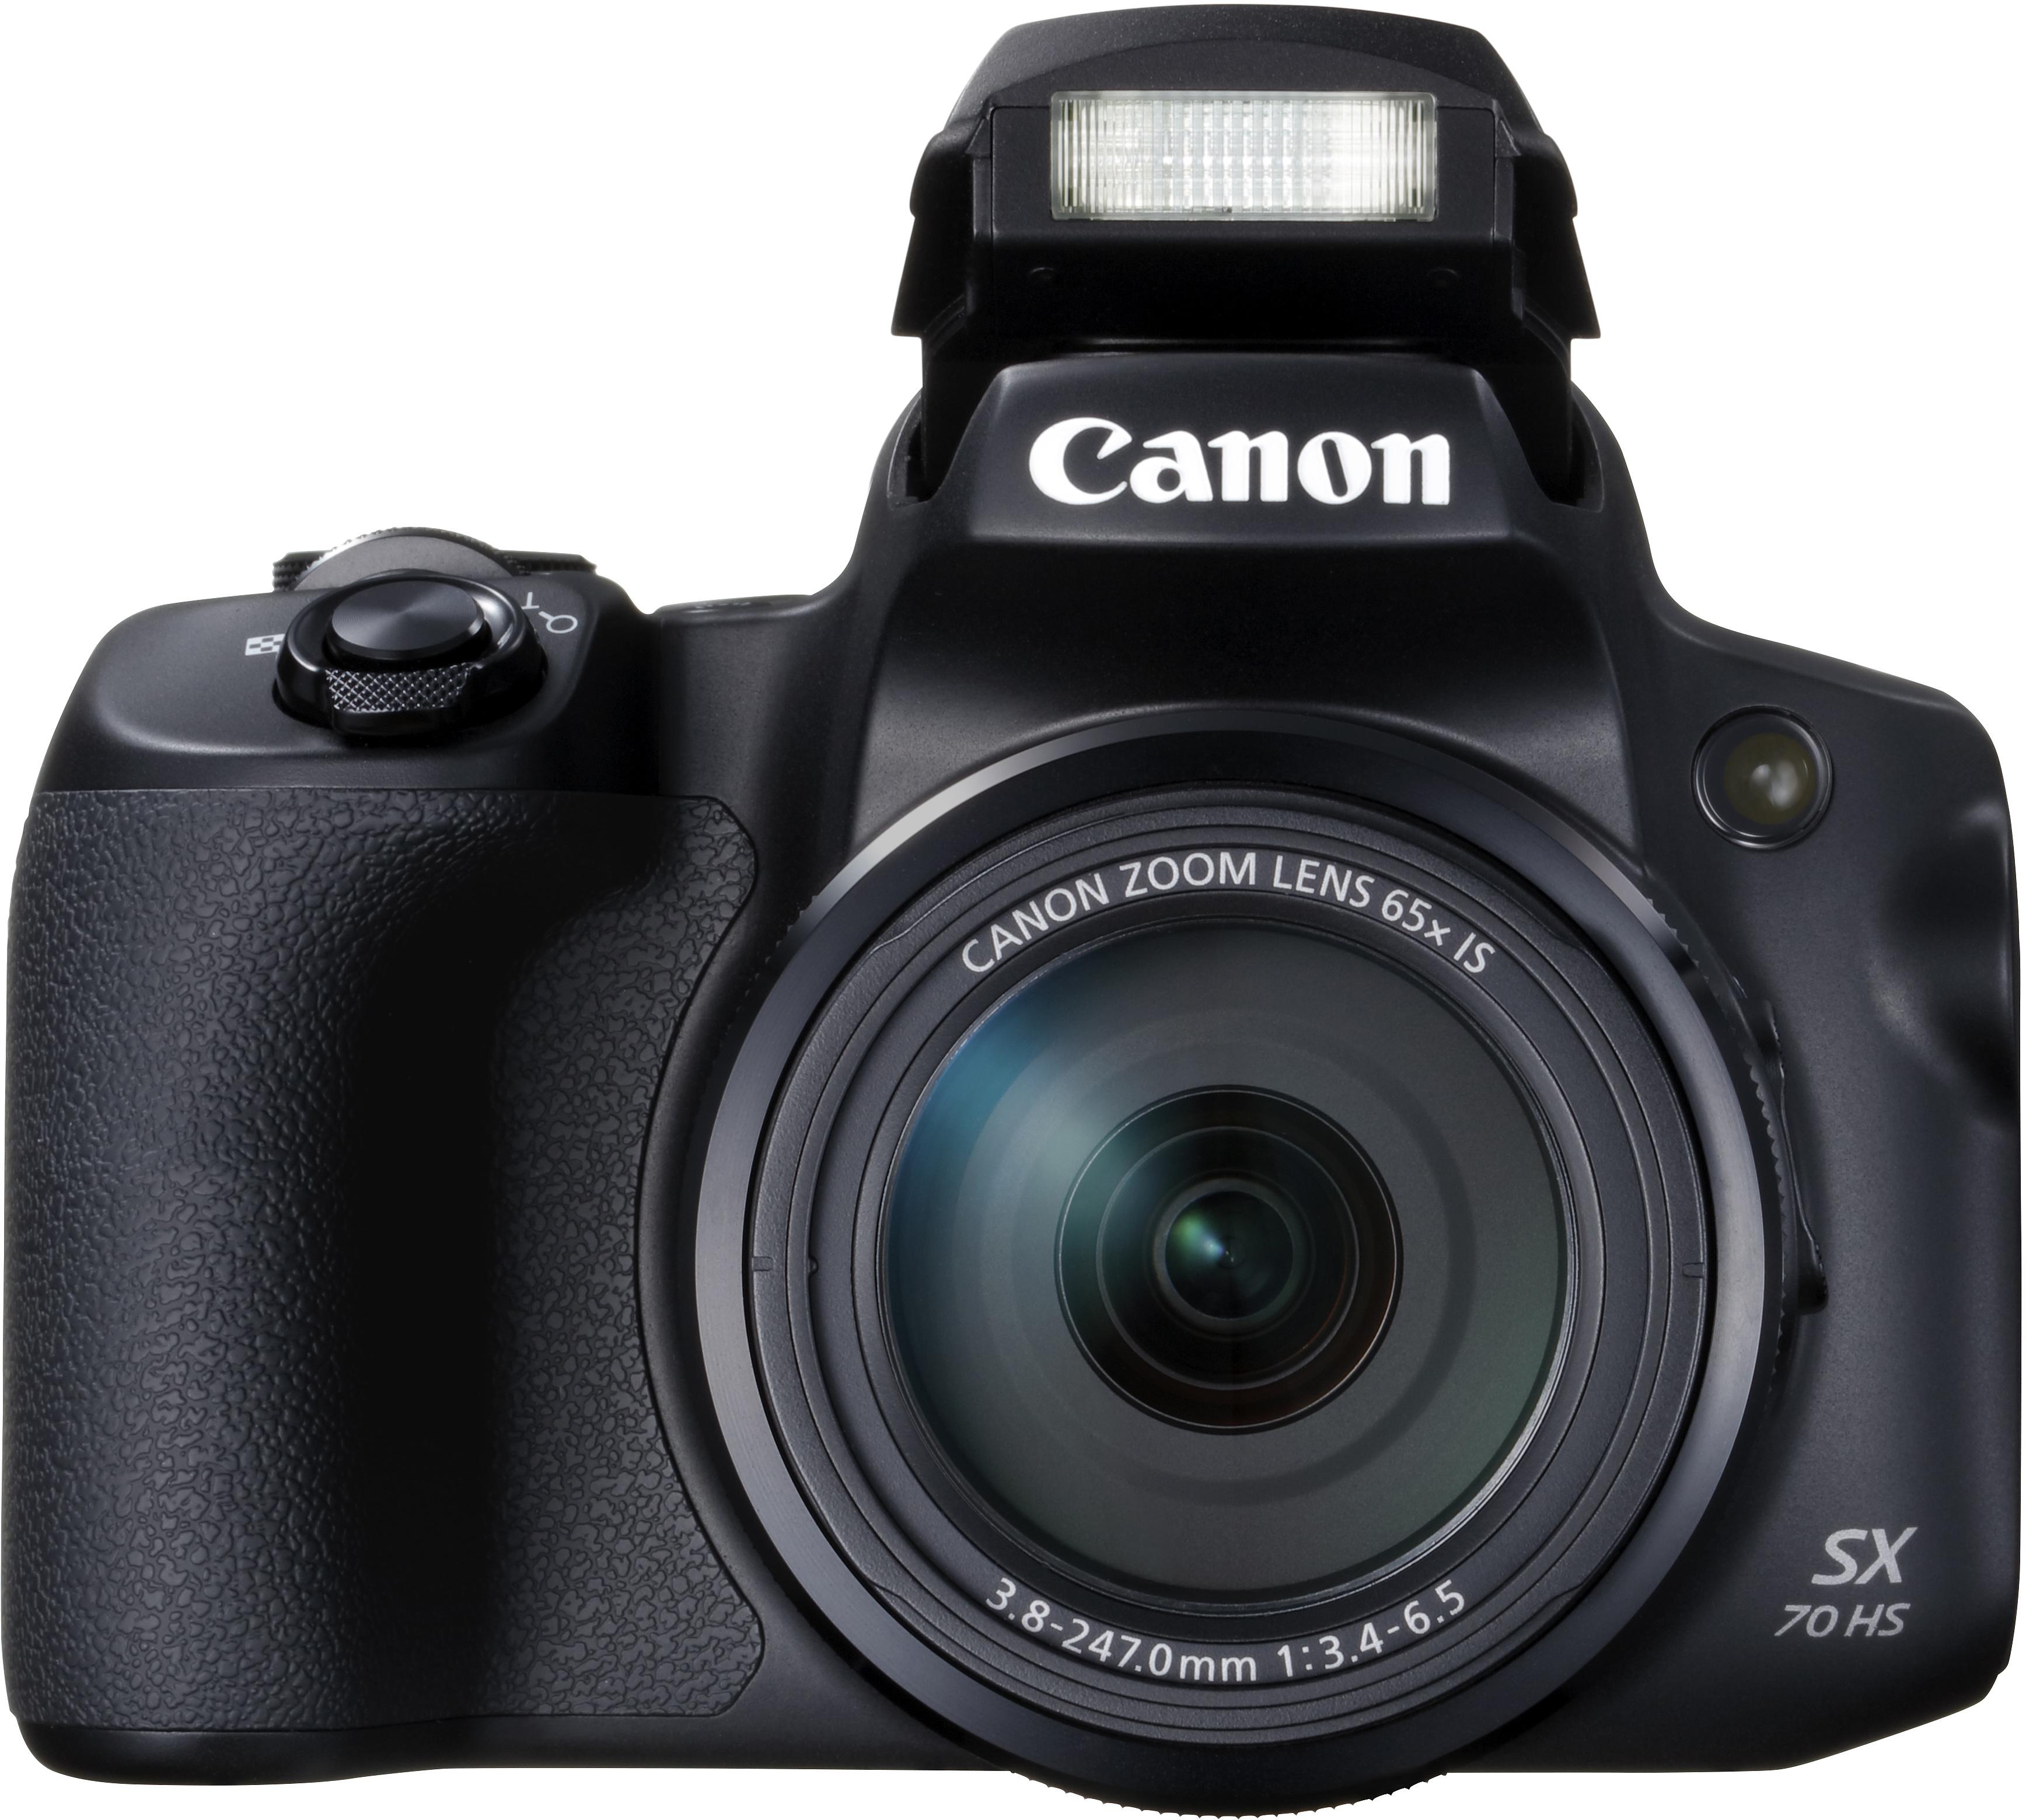 05 Canon PowerShot SX70 HS BK The Front